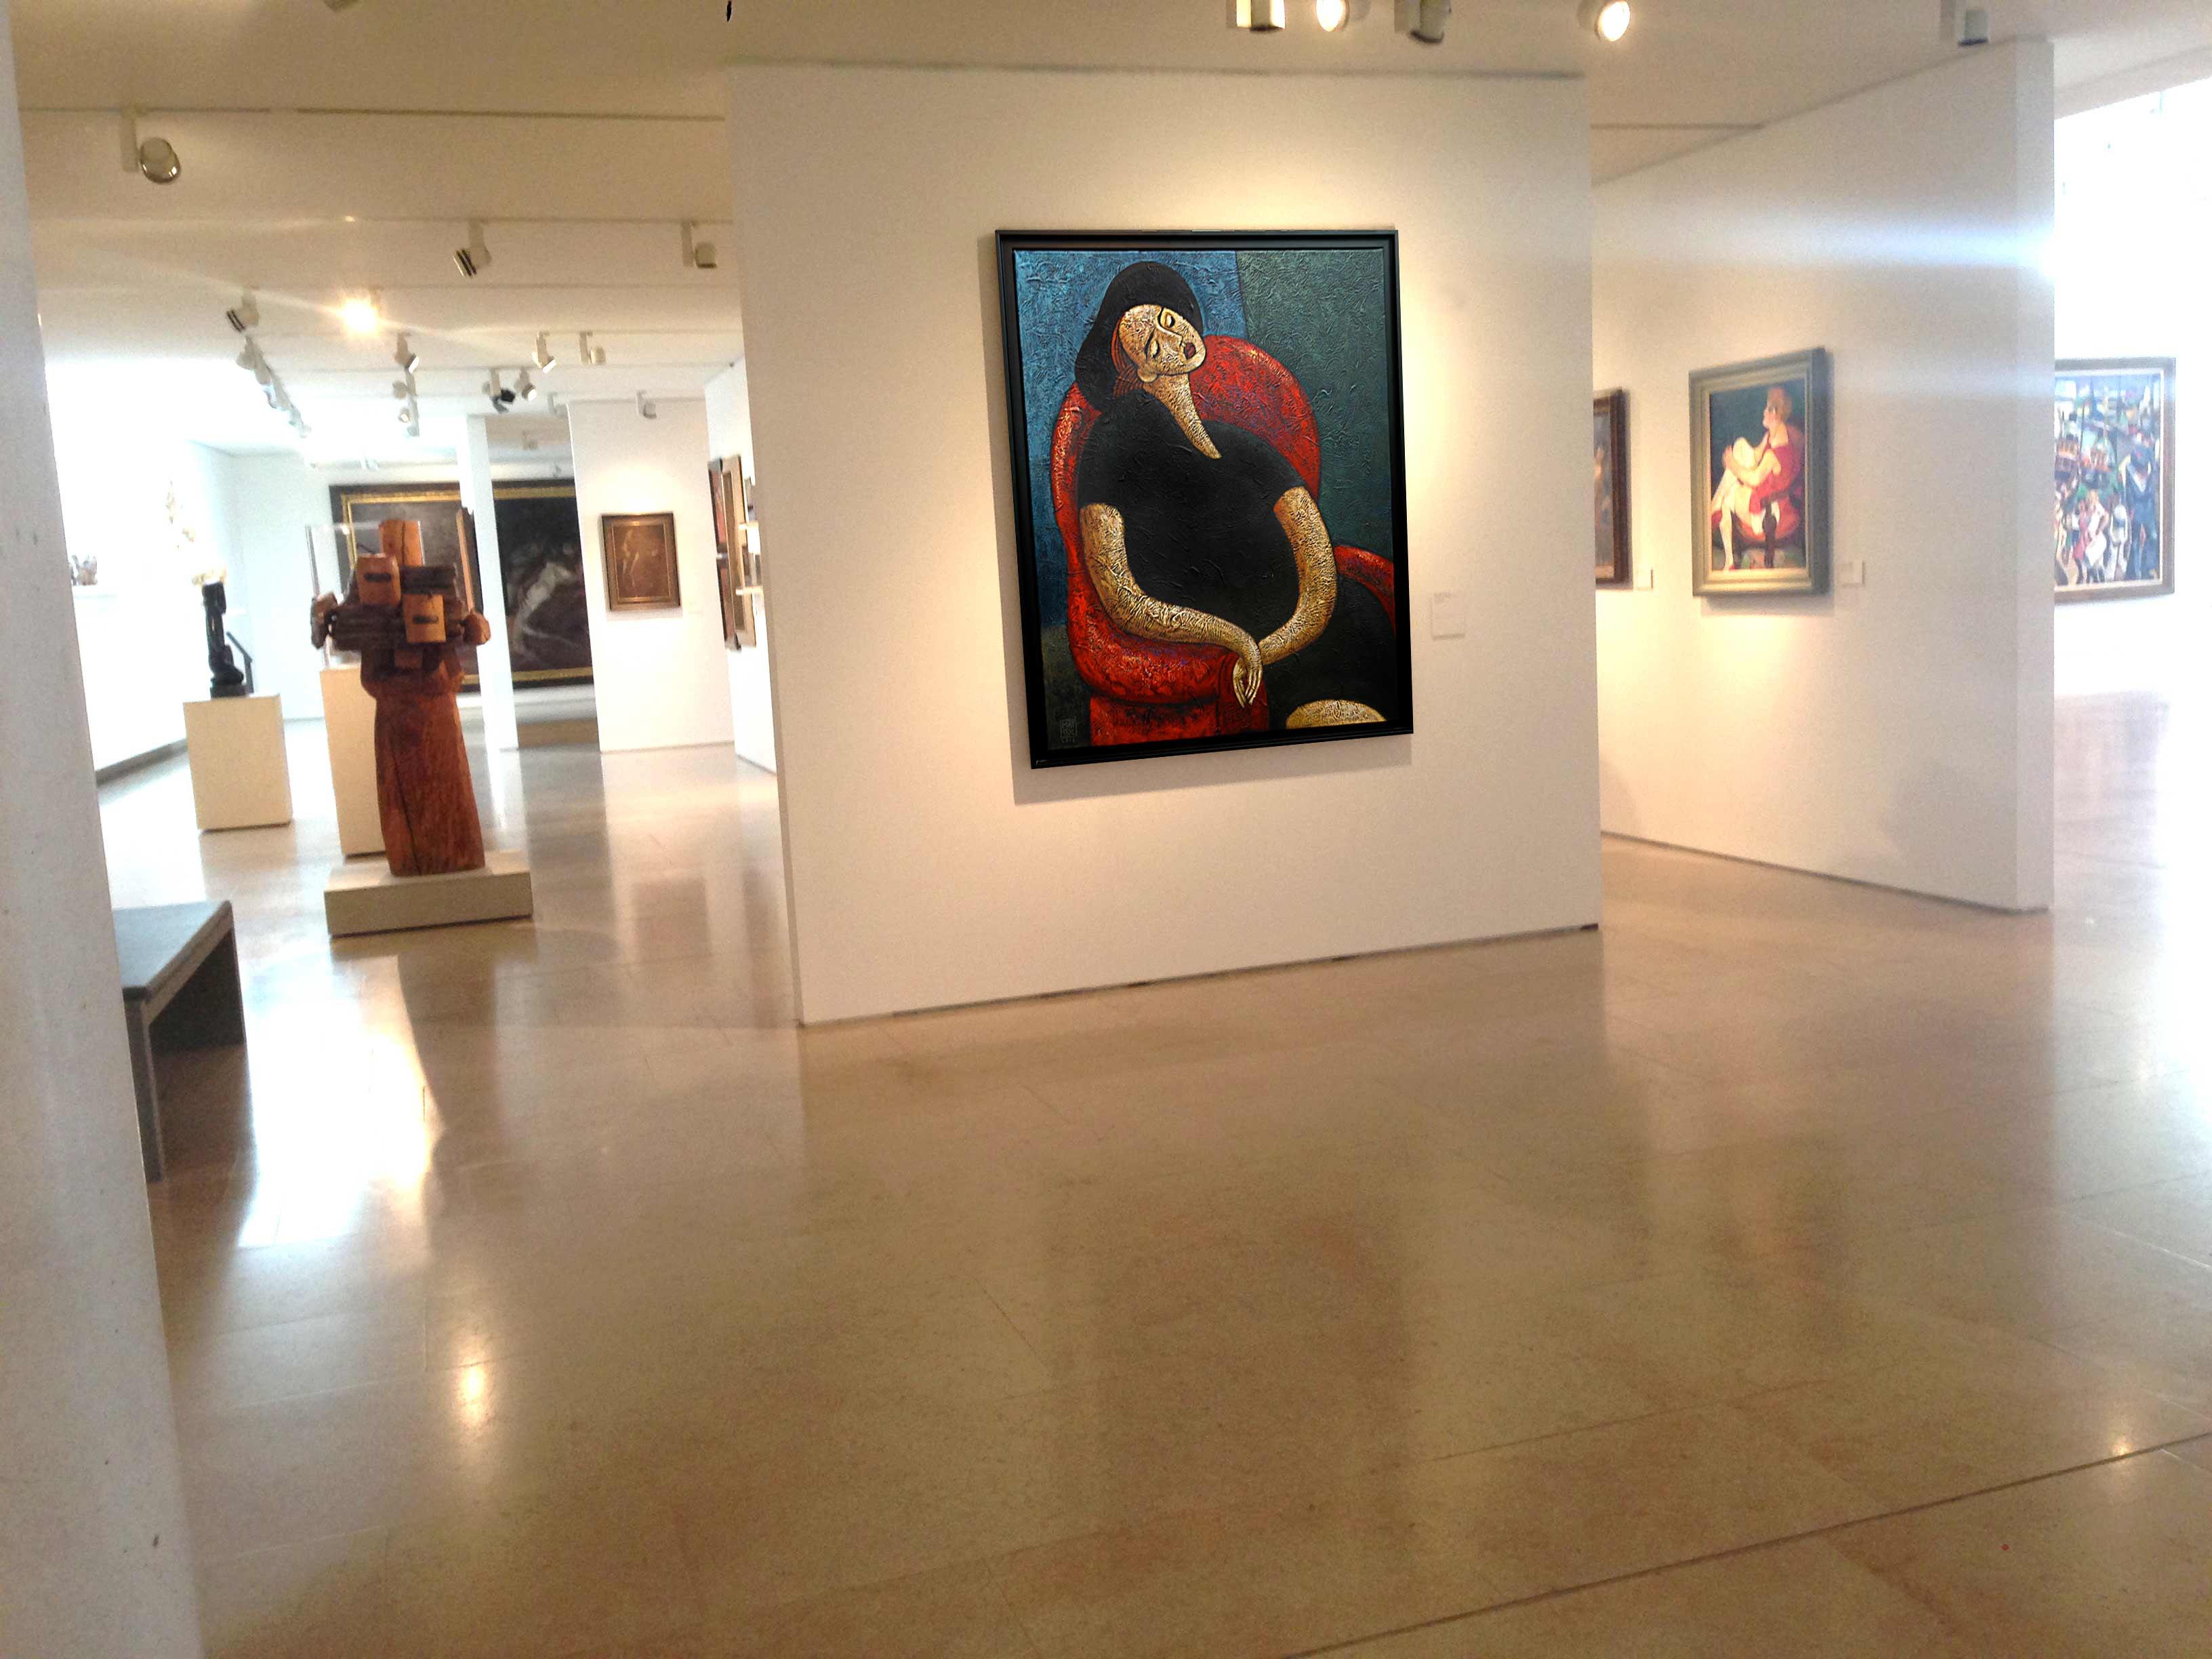 musée-femme-fauteuil-rouge